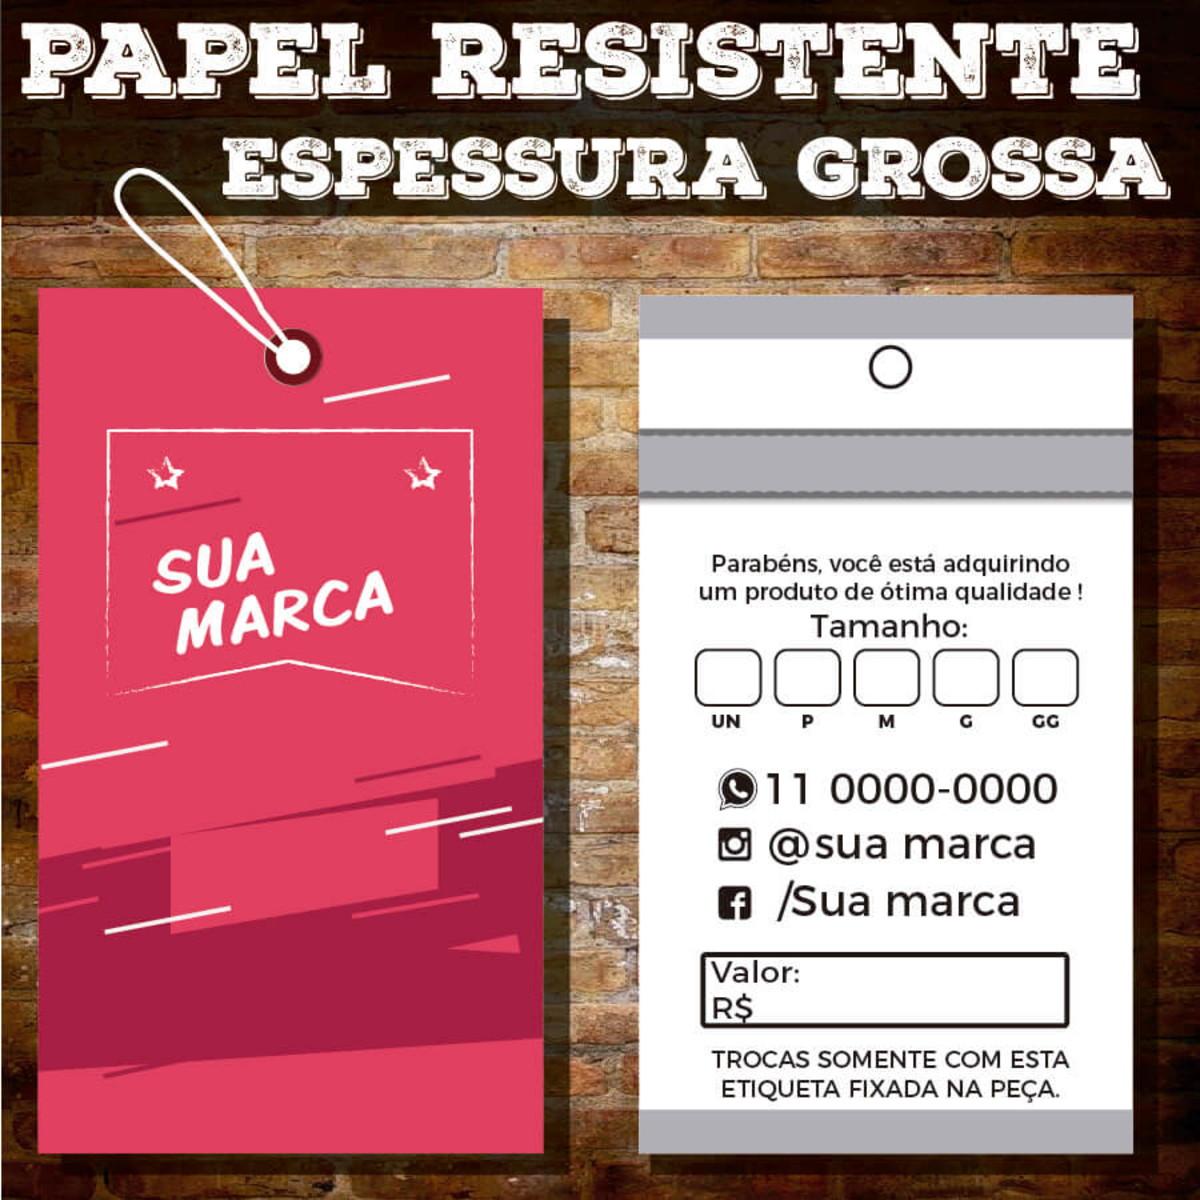 8f661e633c69 Etiquetas de Roupa produto Personalizadas Espessura Grossa no Elo7 ...